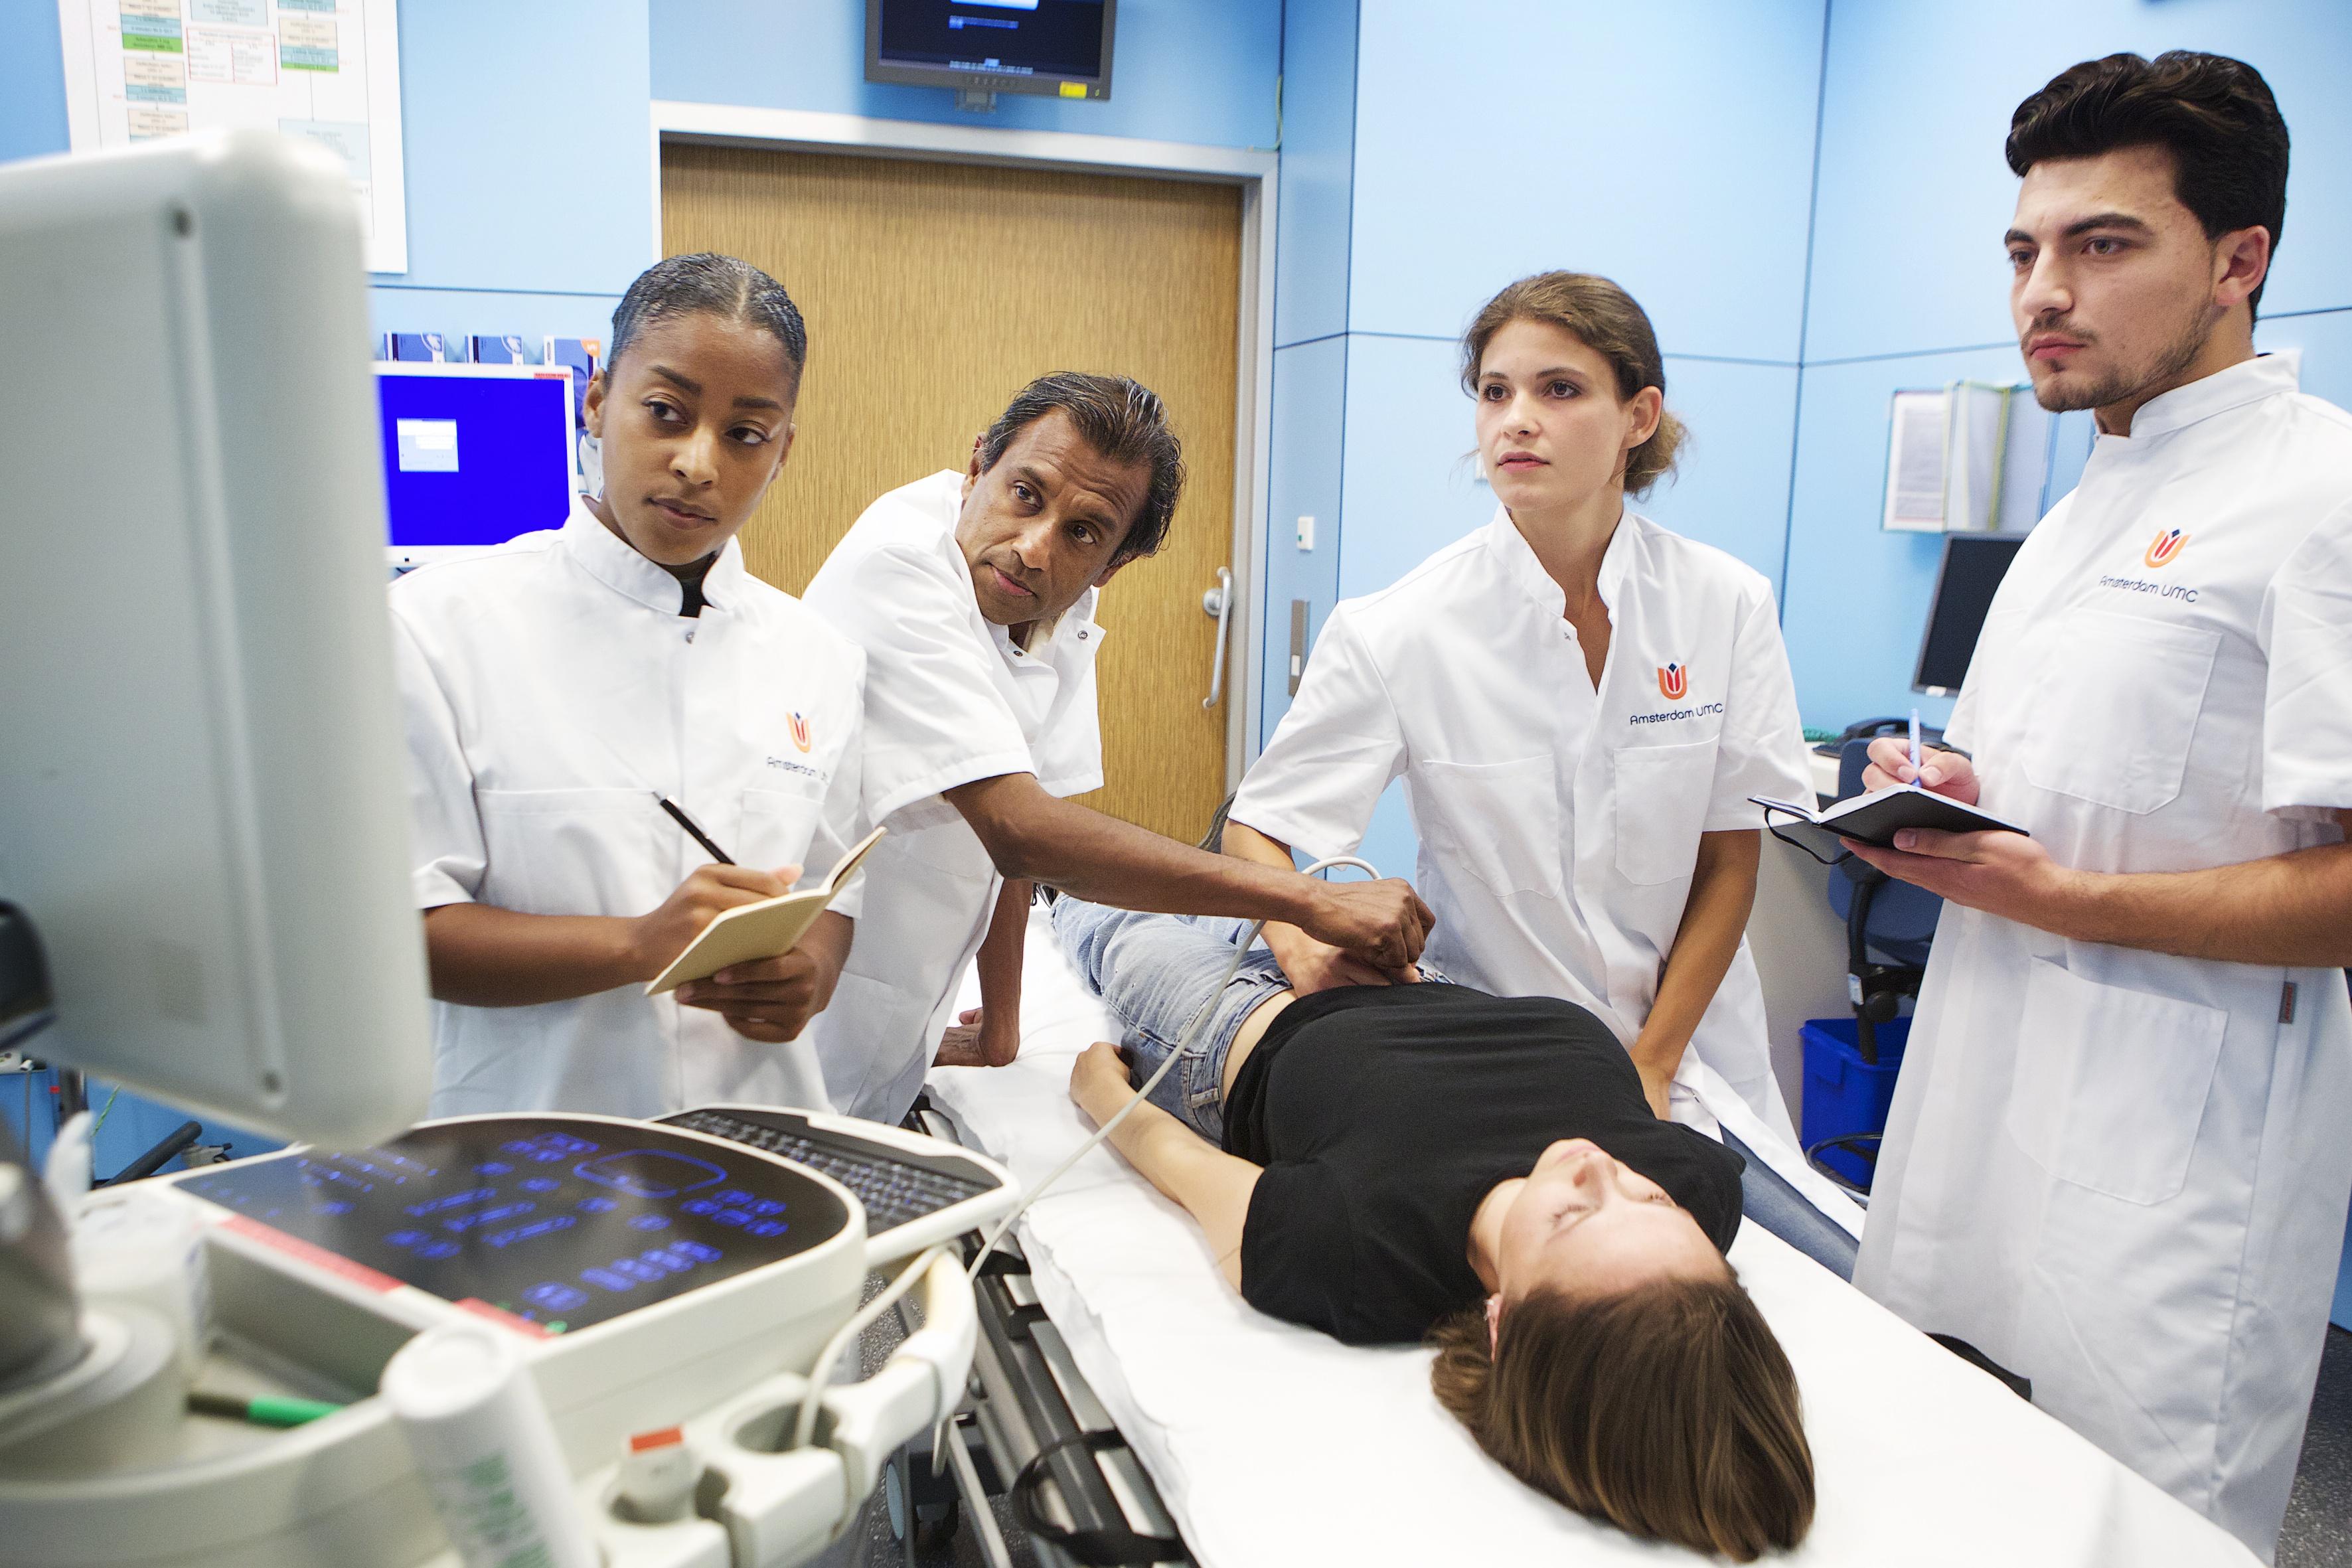 Dokter en 3 coassistenten voeren een echo uit op een patient